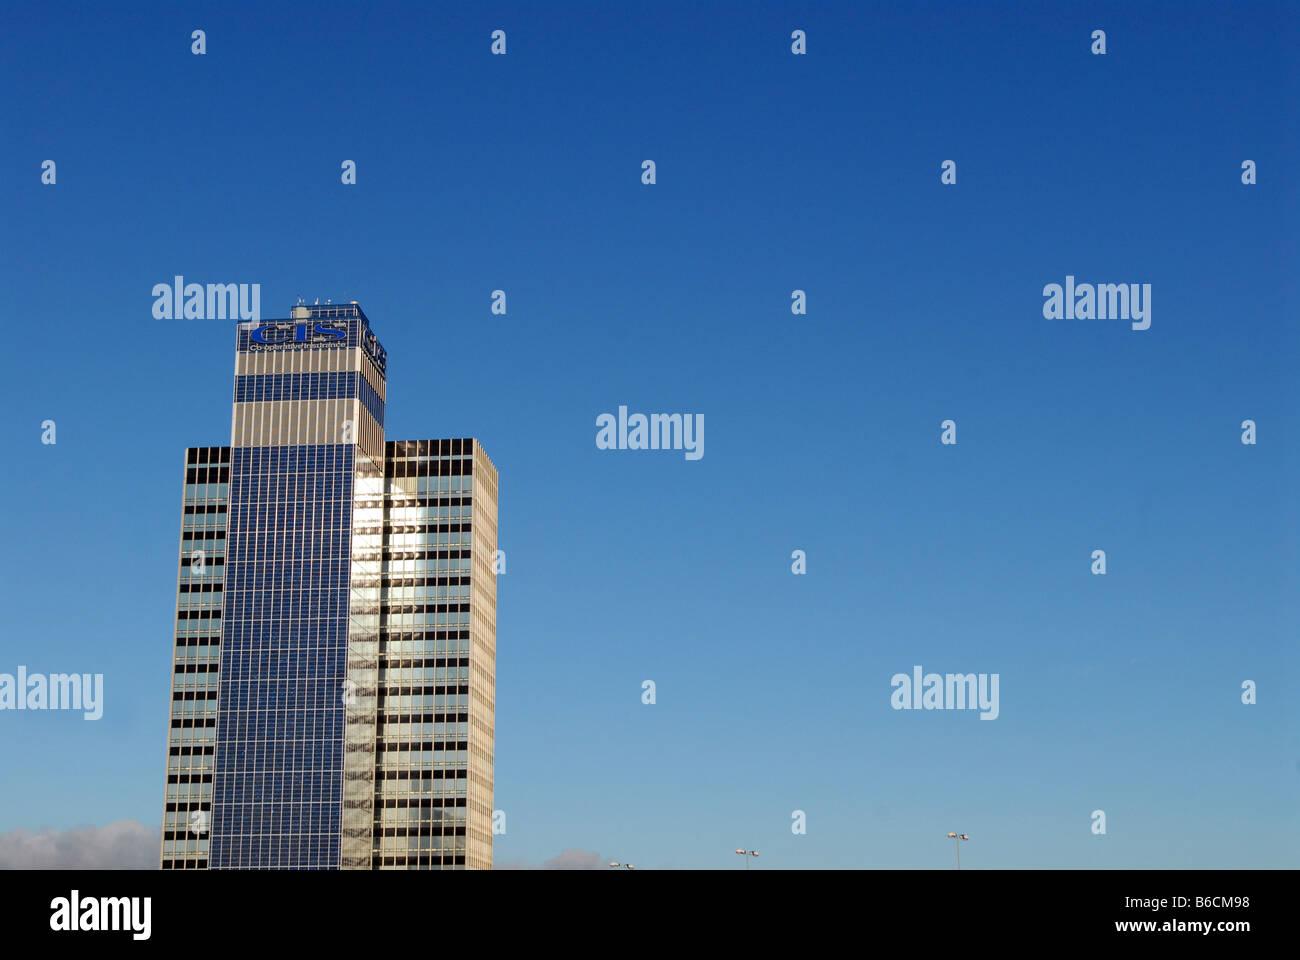 CIS Tower - Stock Image